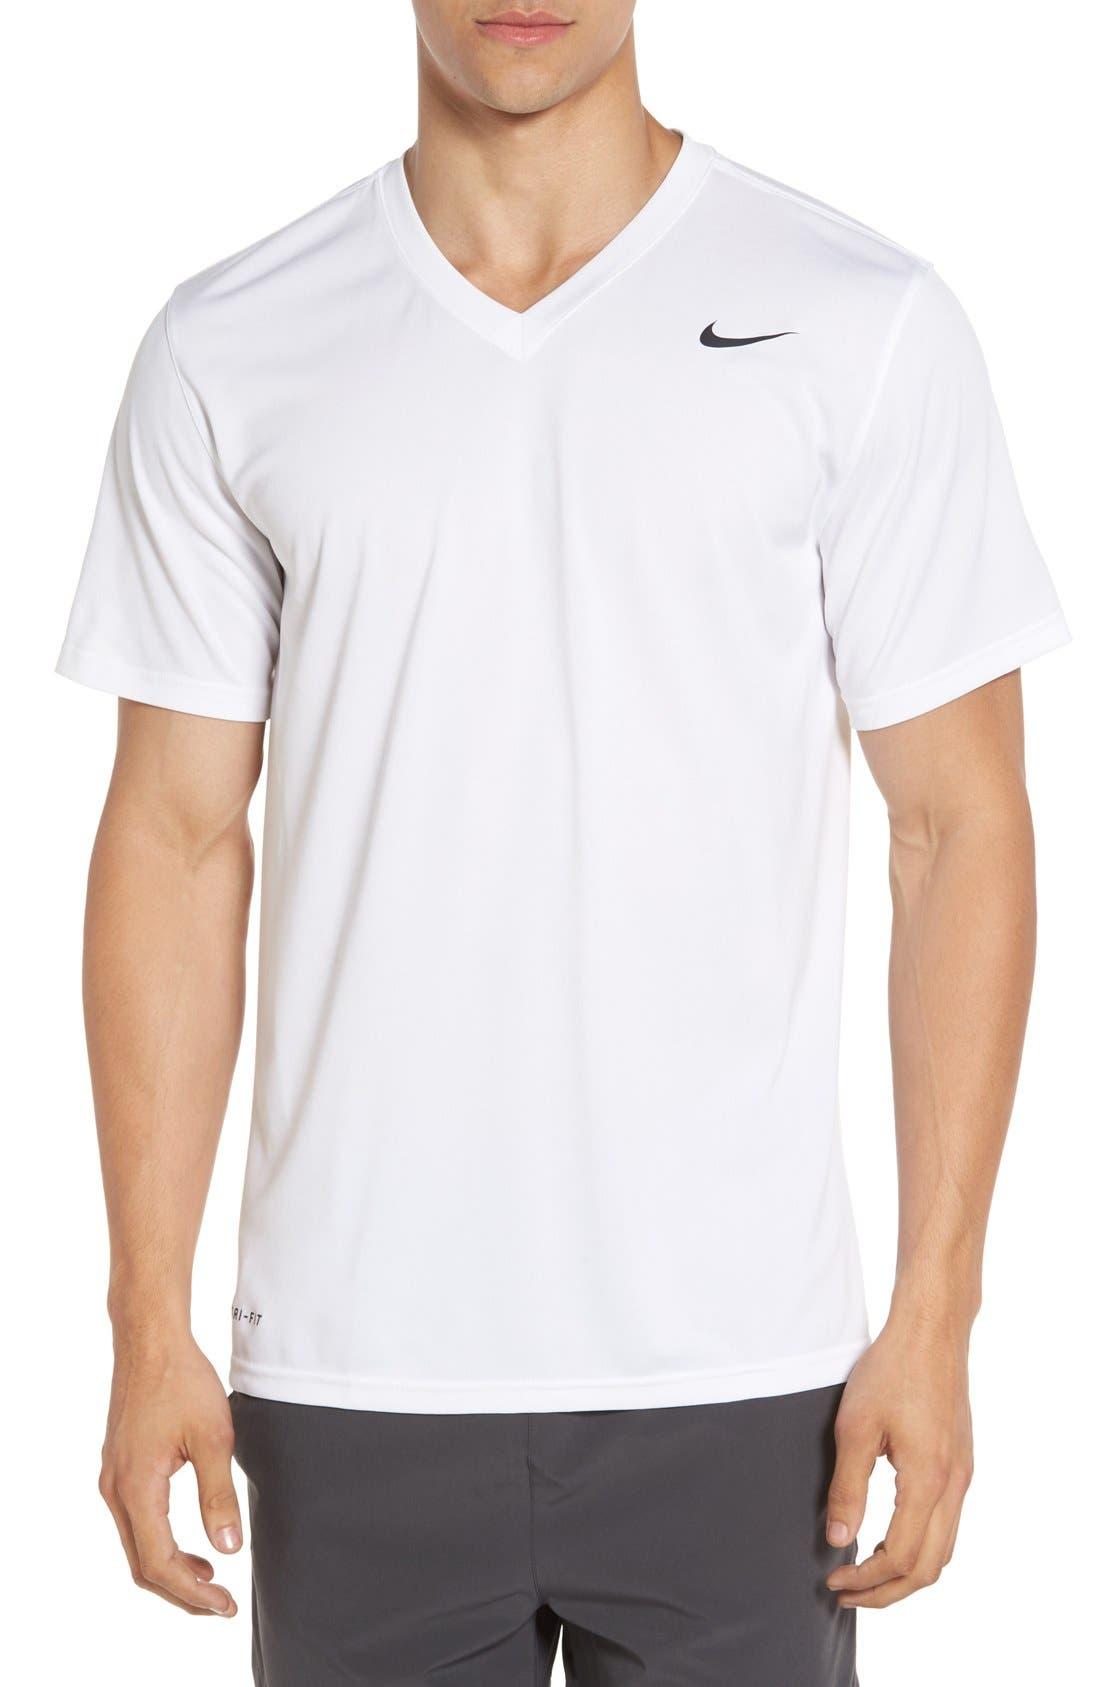 'Legend 2.0' Dri-FIT Training T-Shirt,                             Main thumbnail 1, color,                             White/ Black/ Black